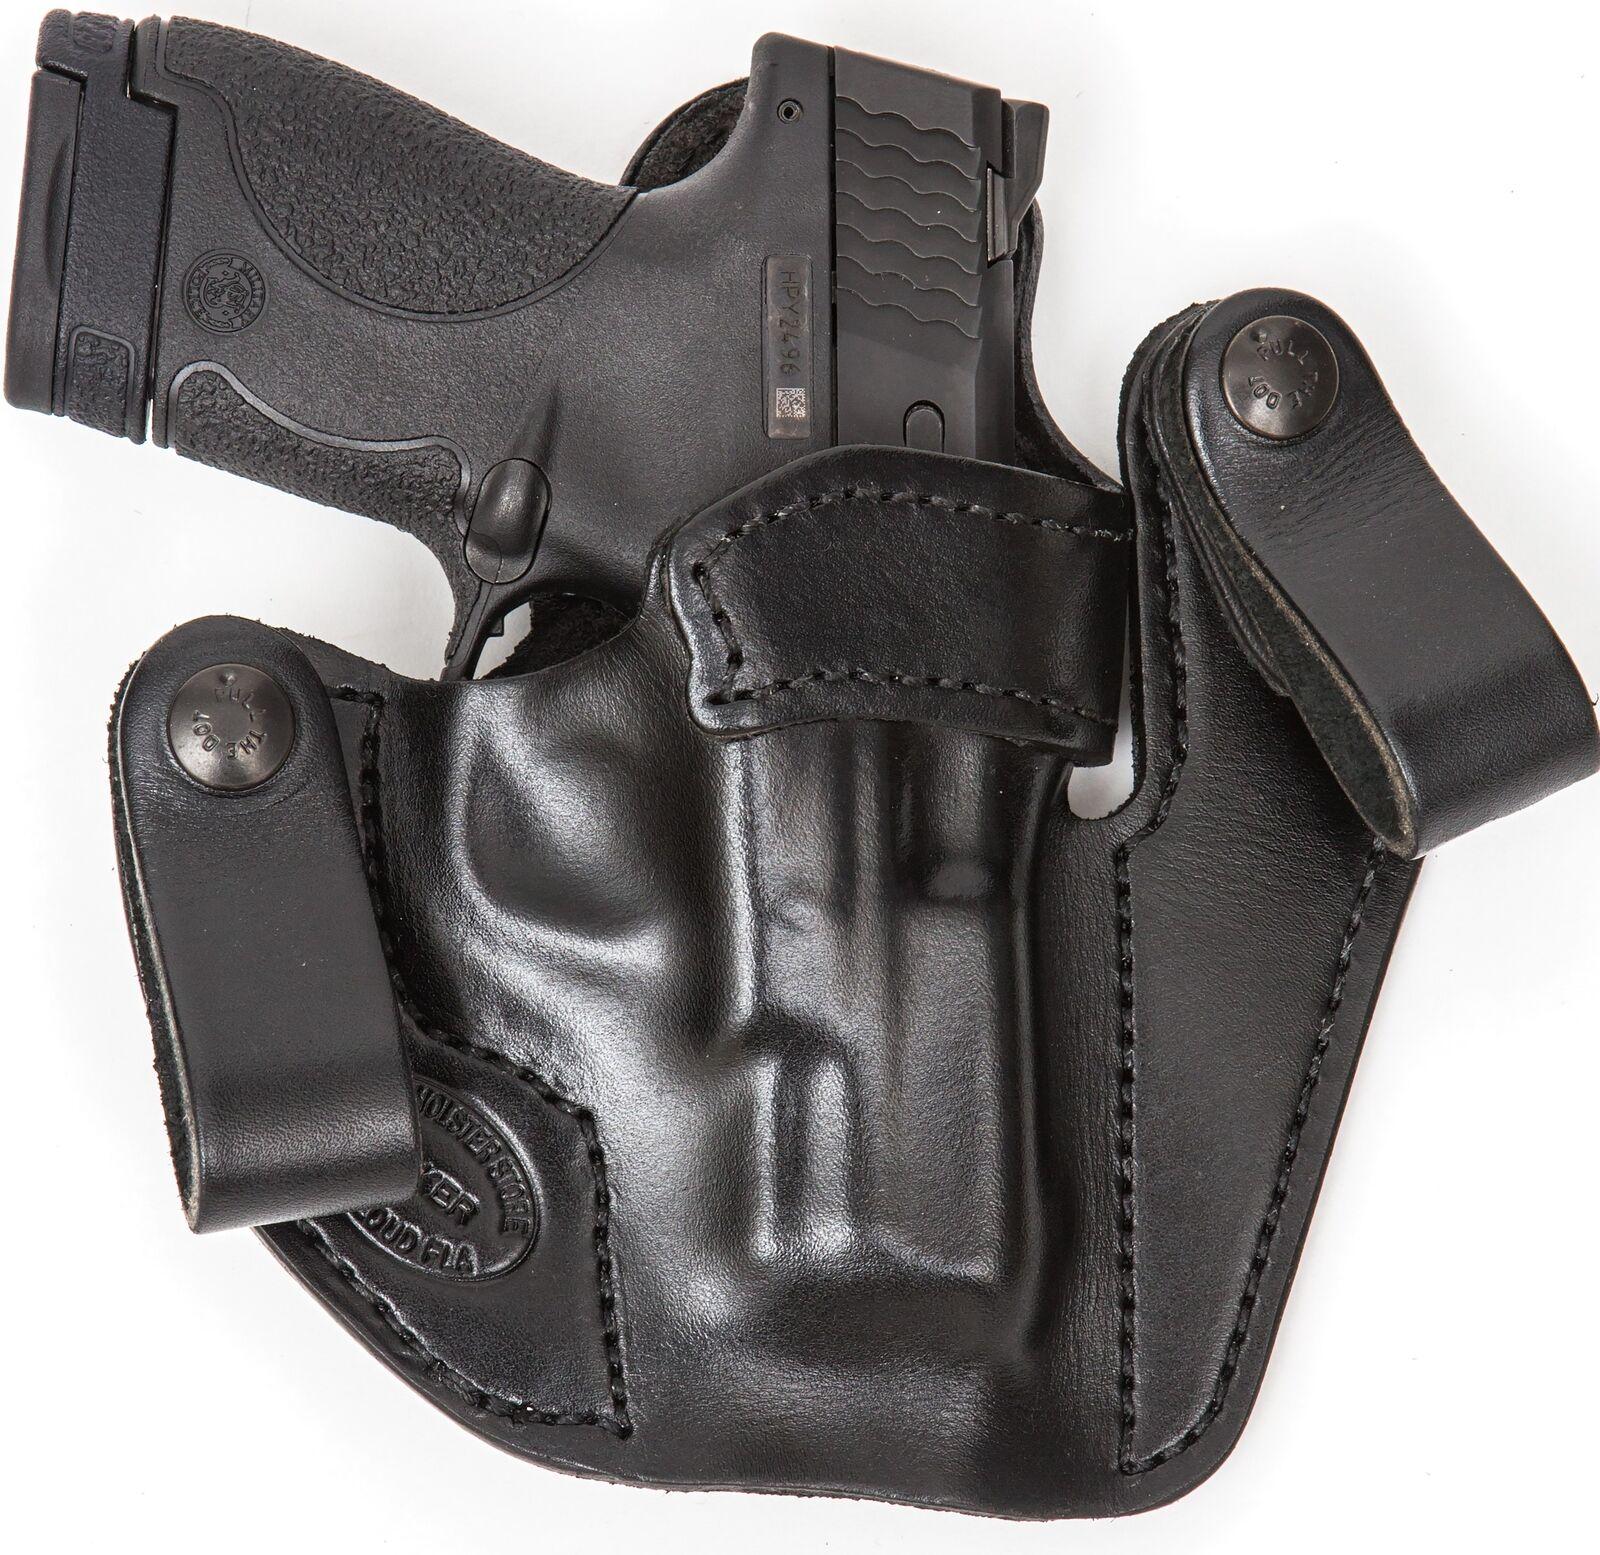 XTREME llevar RH LH dentro de la cintura de cuero Funda Pistola Para Ruger SP101 3 in (approx. 7.62 cm)